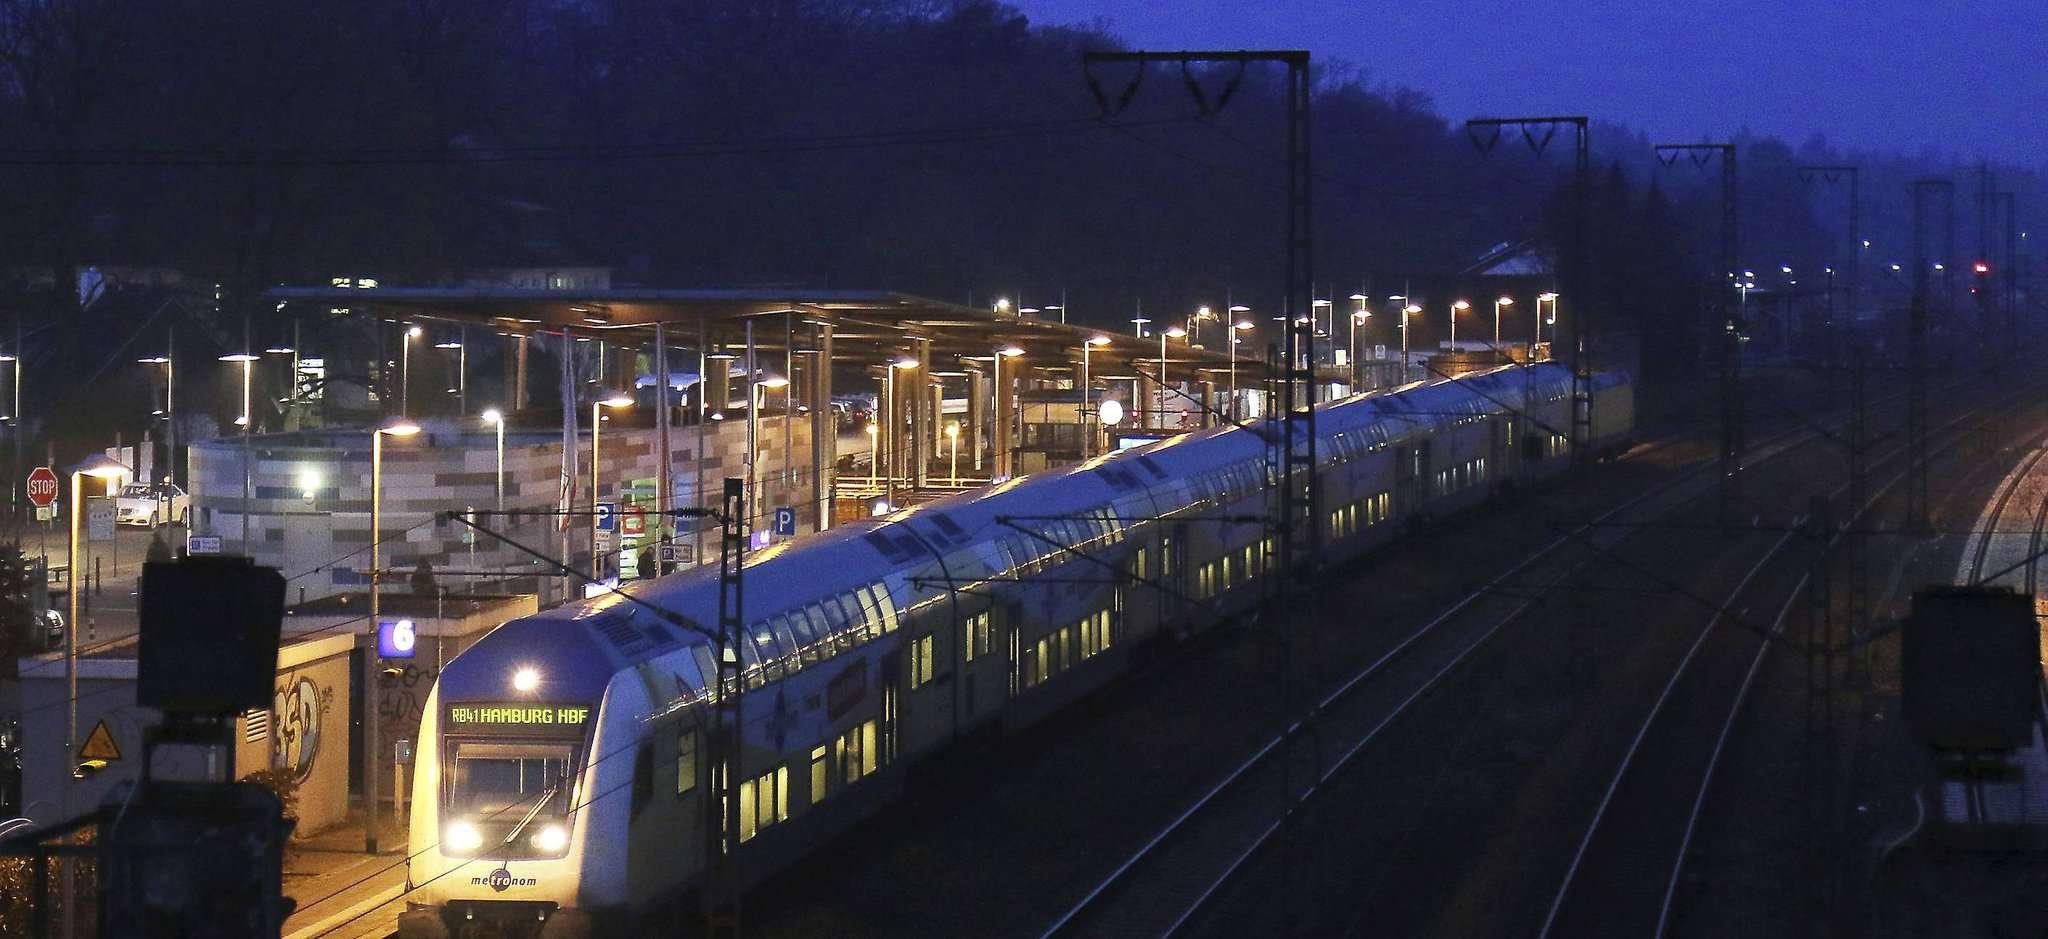 Der Bahnhof in Rotenburg würde bei einer Zustimmung zu dem vorliegenden Modell zu den Ringen G und H gehören. Archivfoto: Dennis Bartz